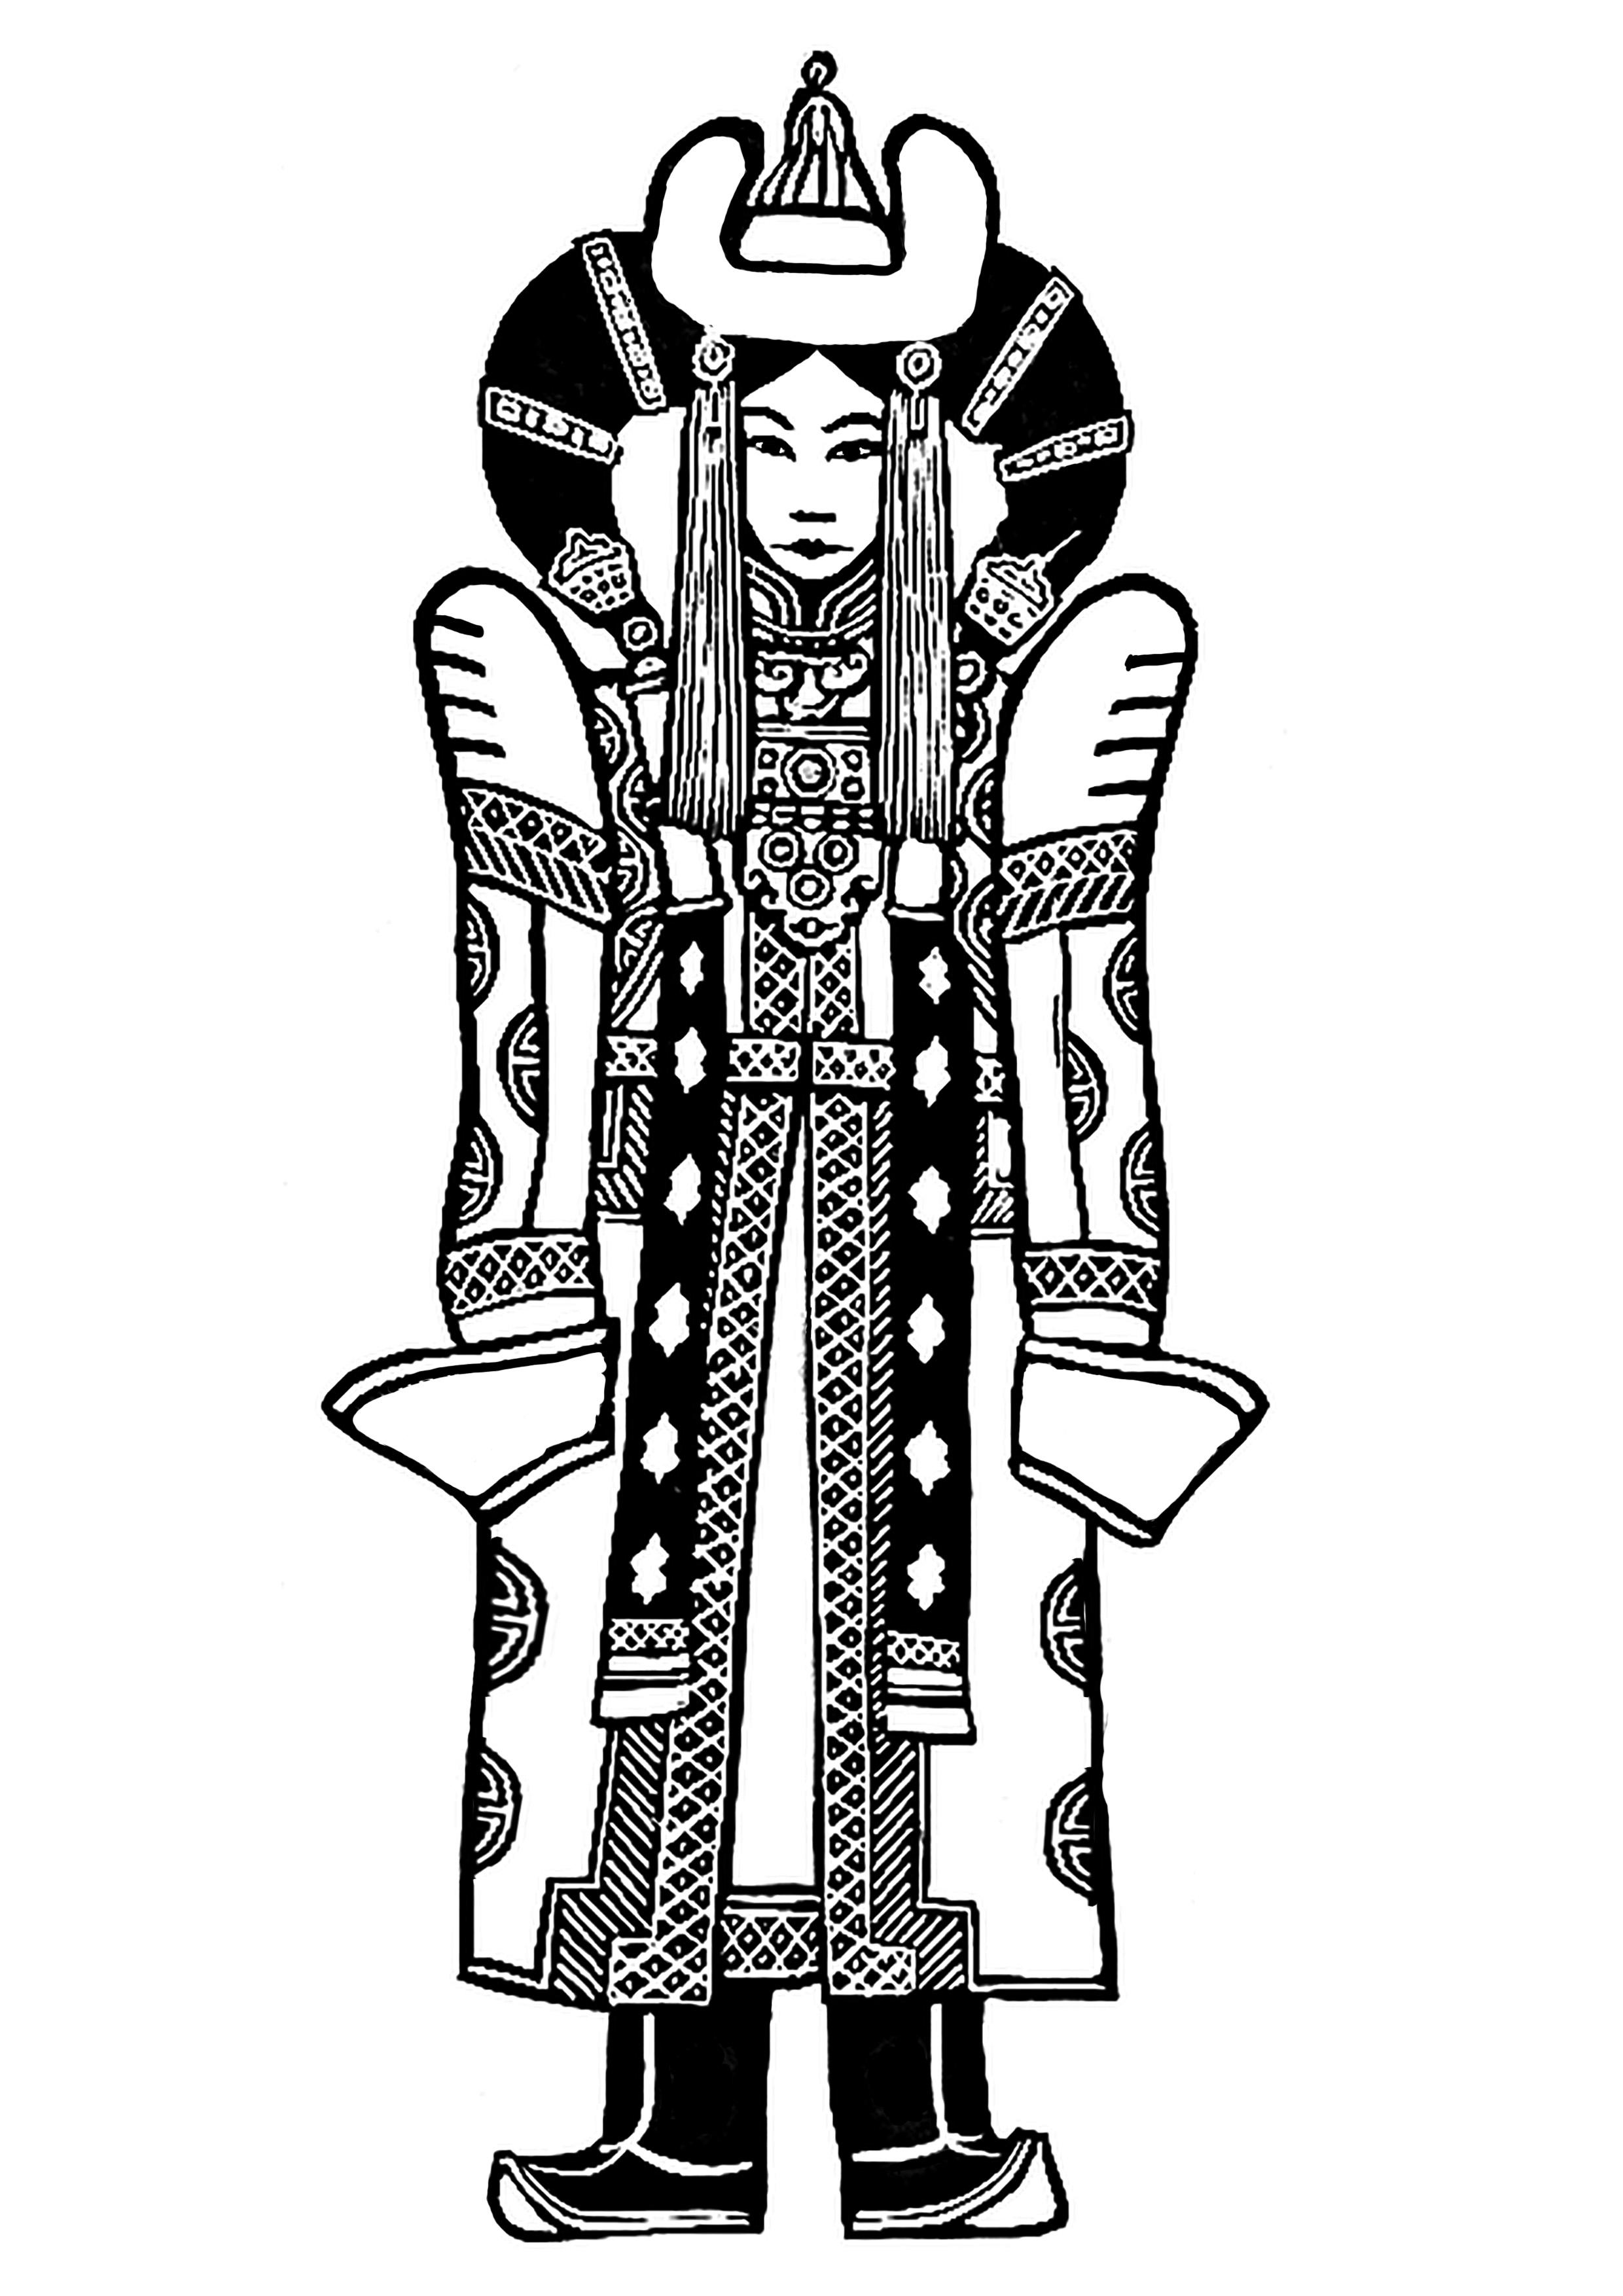 Tenue traditionnelle et impériale Mongole (11e / 12e siècle). A inspiré Georges Lucas pour la tenue de Padmé dans Star Wars Episode 1 !